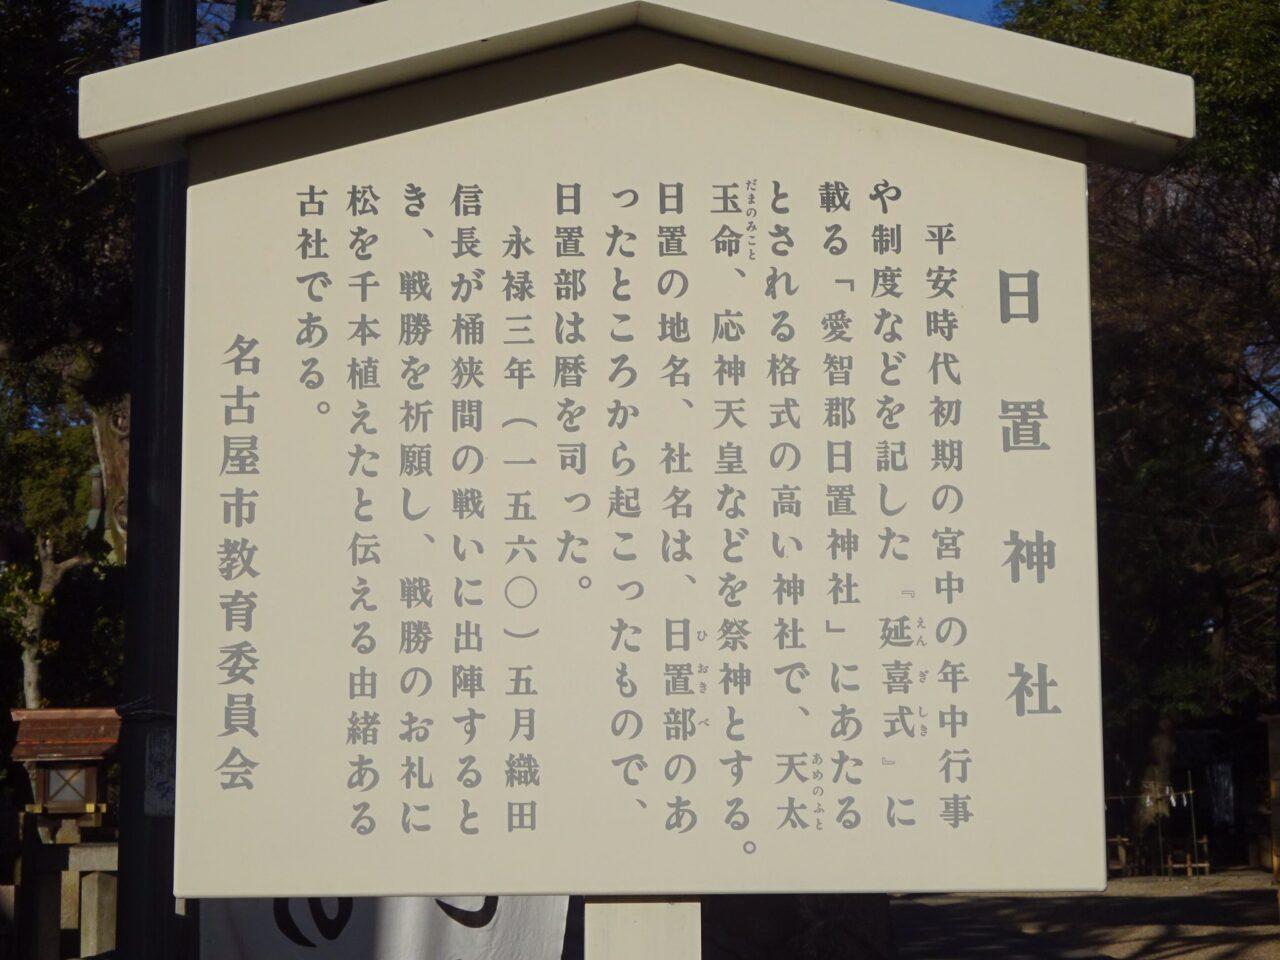 名古屋市教育委員会